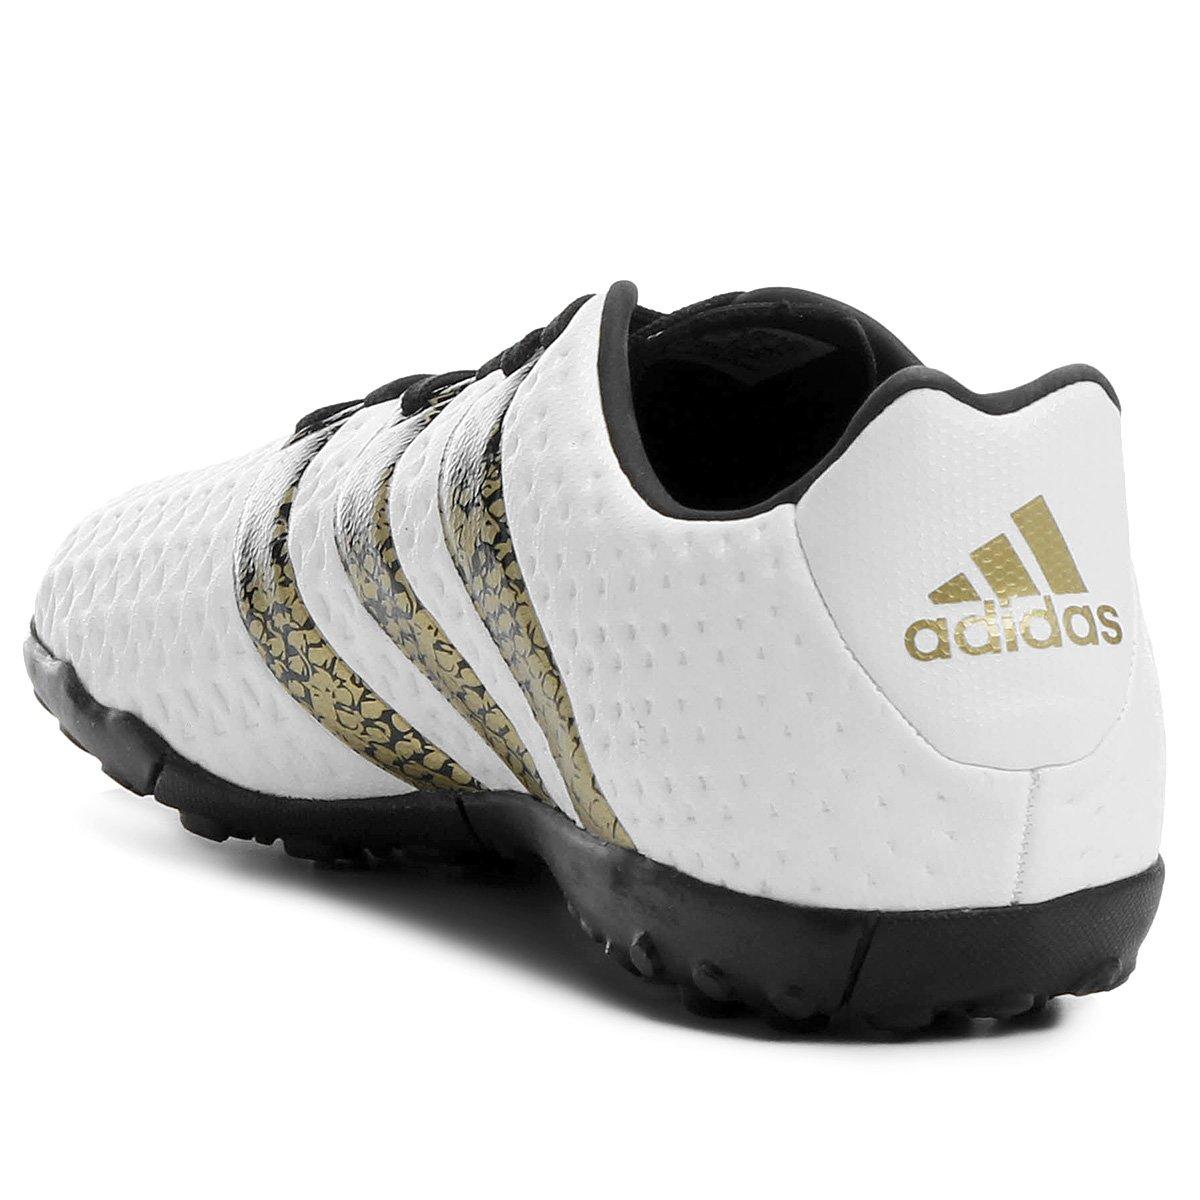 0fb4012304 Chuteira Adidas Ace 16.4 TF Society Juvenil - Compre Agora